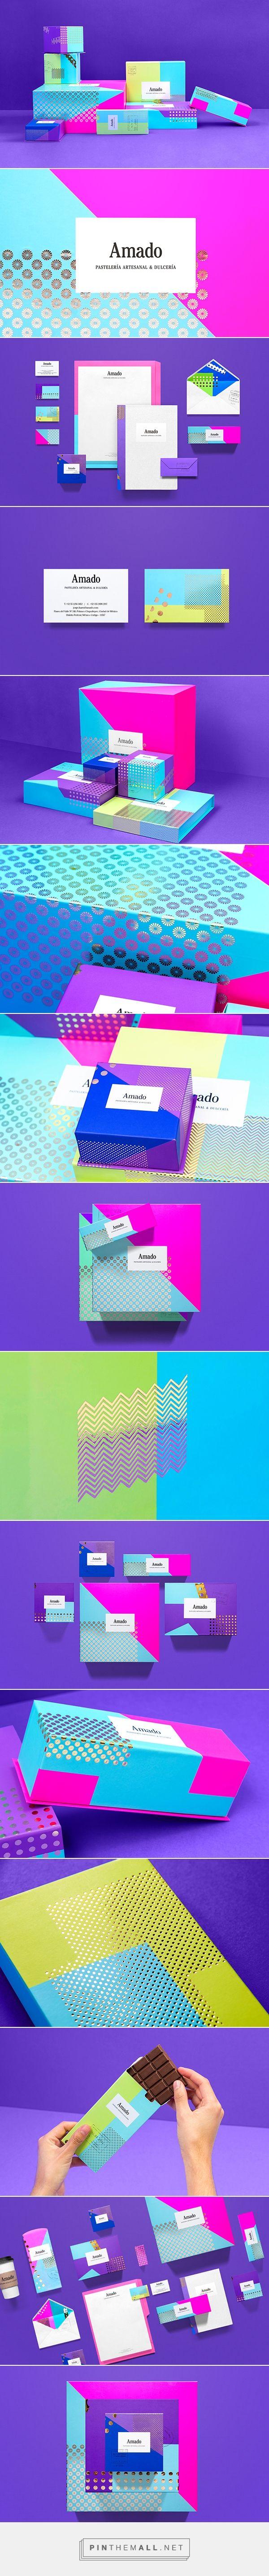 Amado by Hyatt on Behance